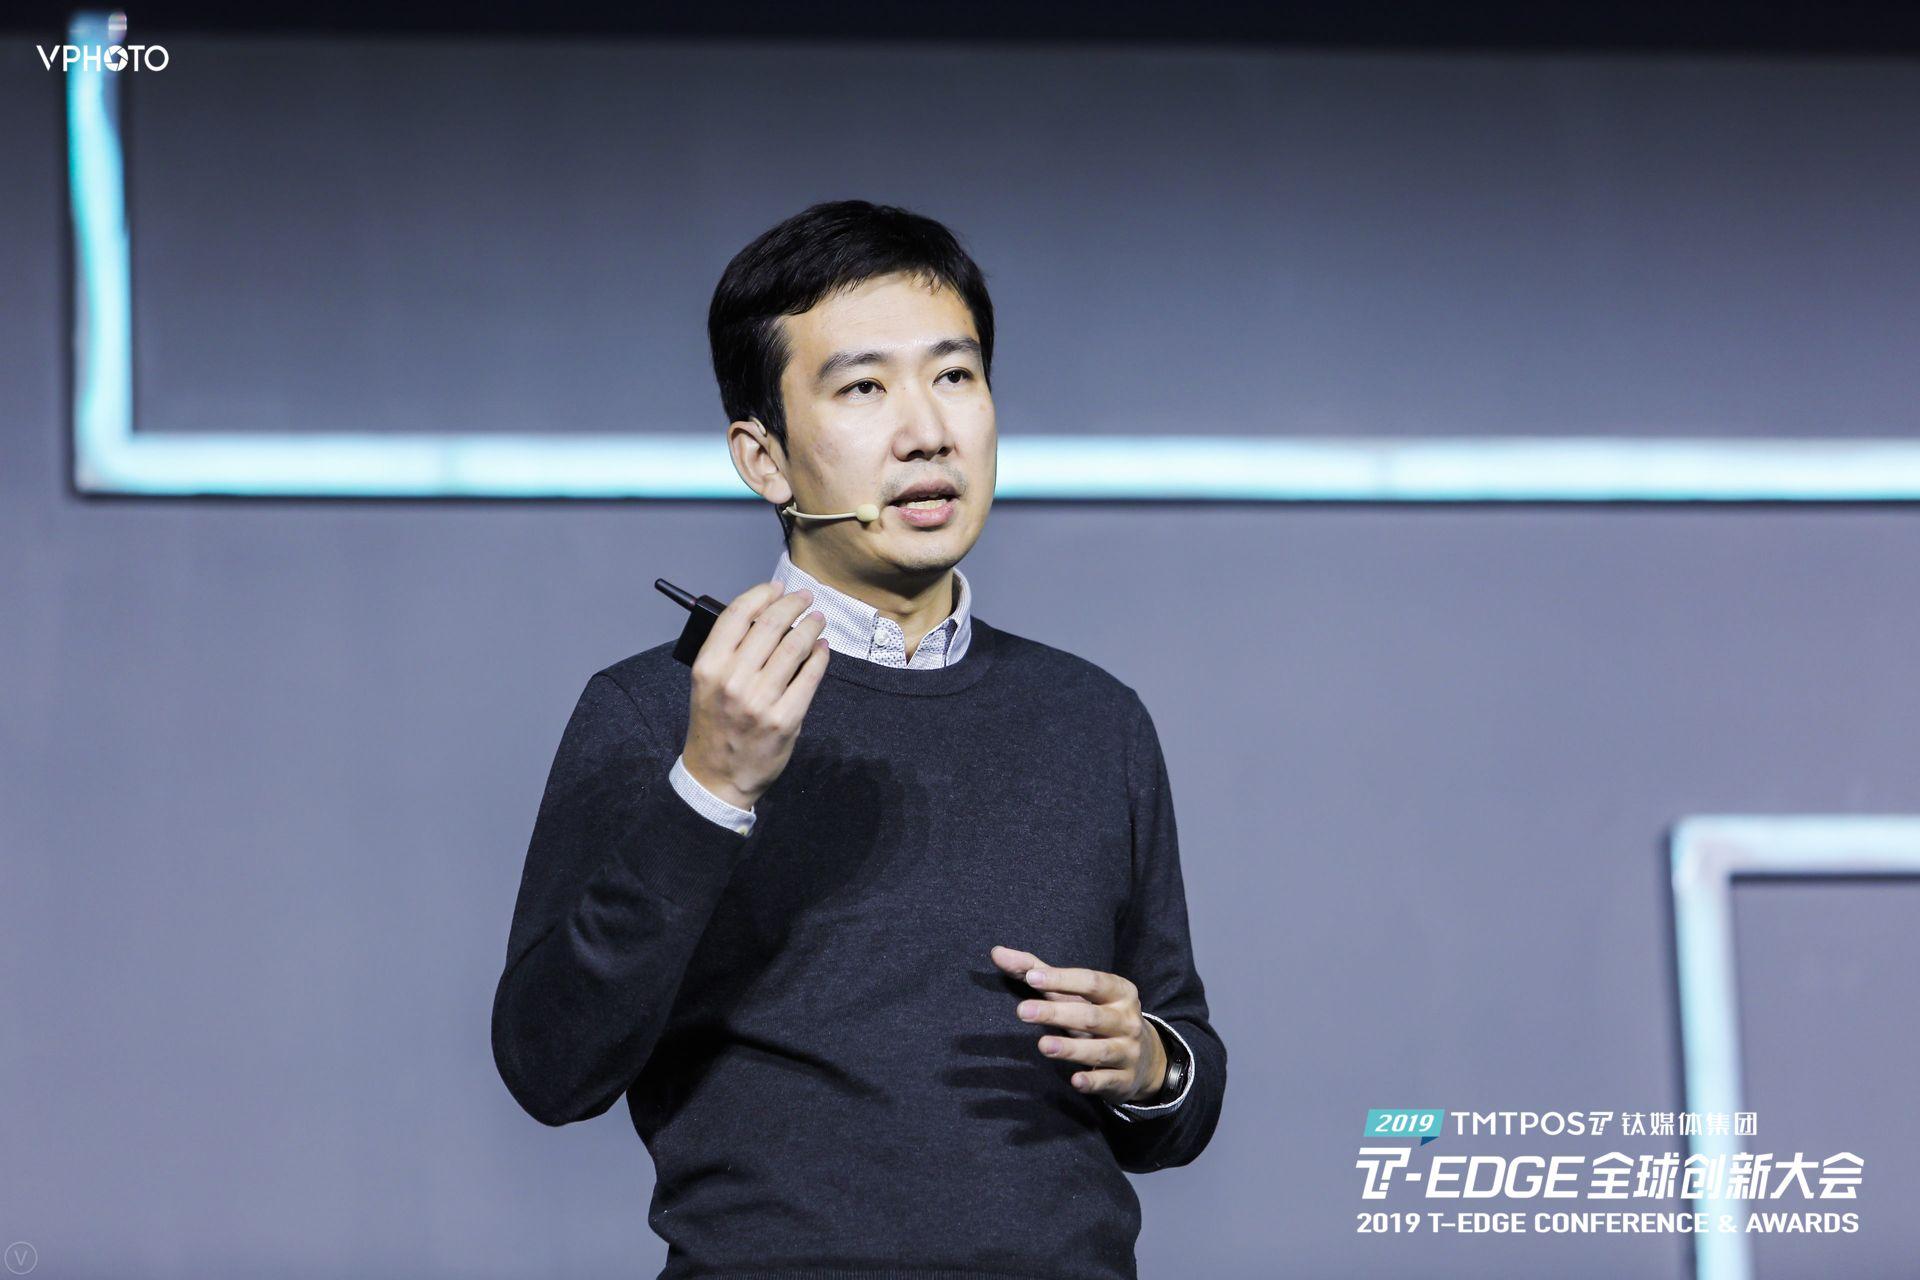 搜狗要利用AI深度理解语言本身,建立个人专属智能助理  | 2019 T-EDGE